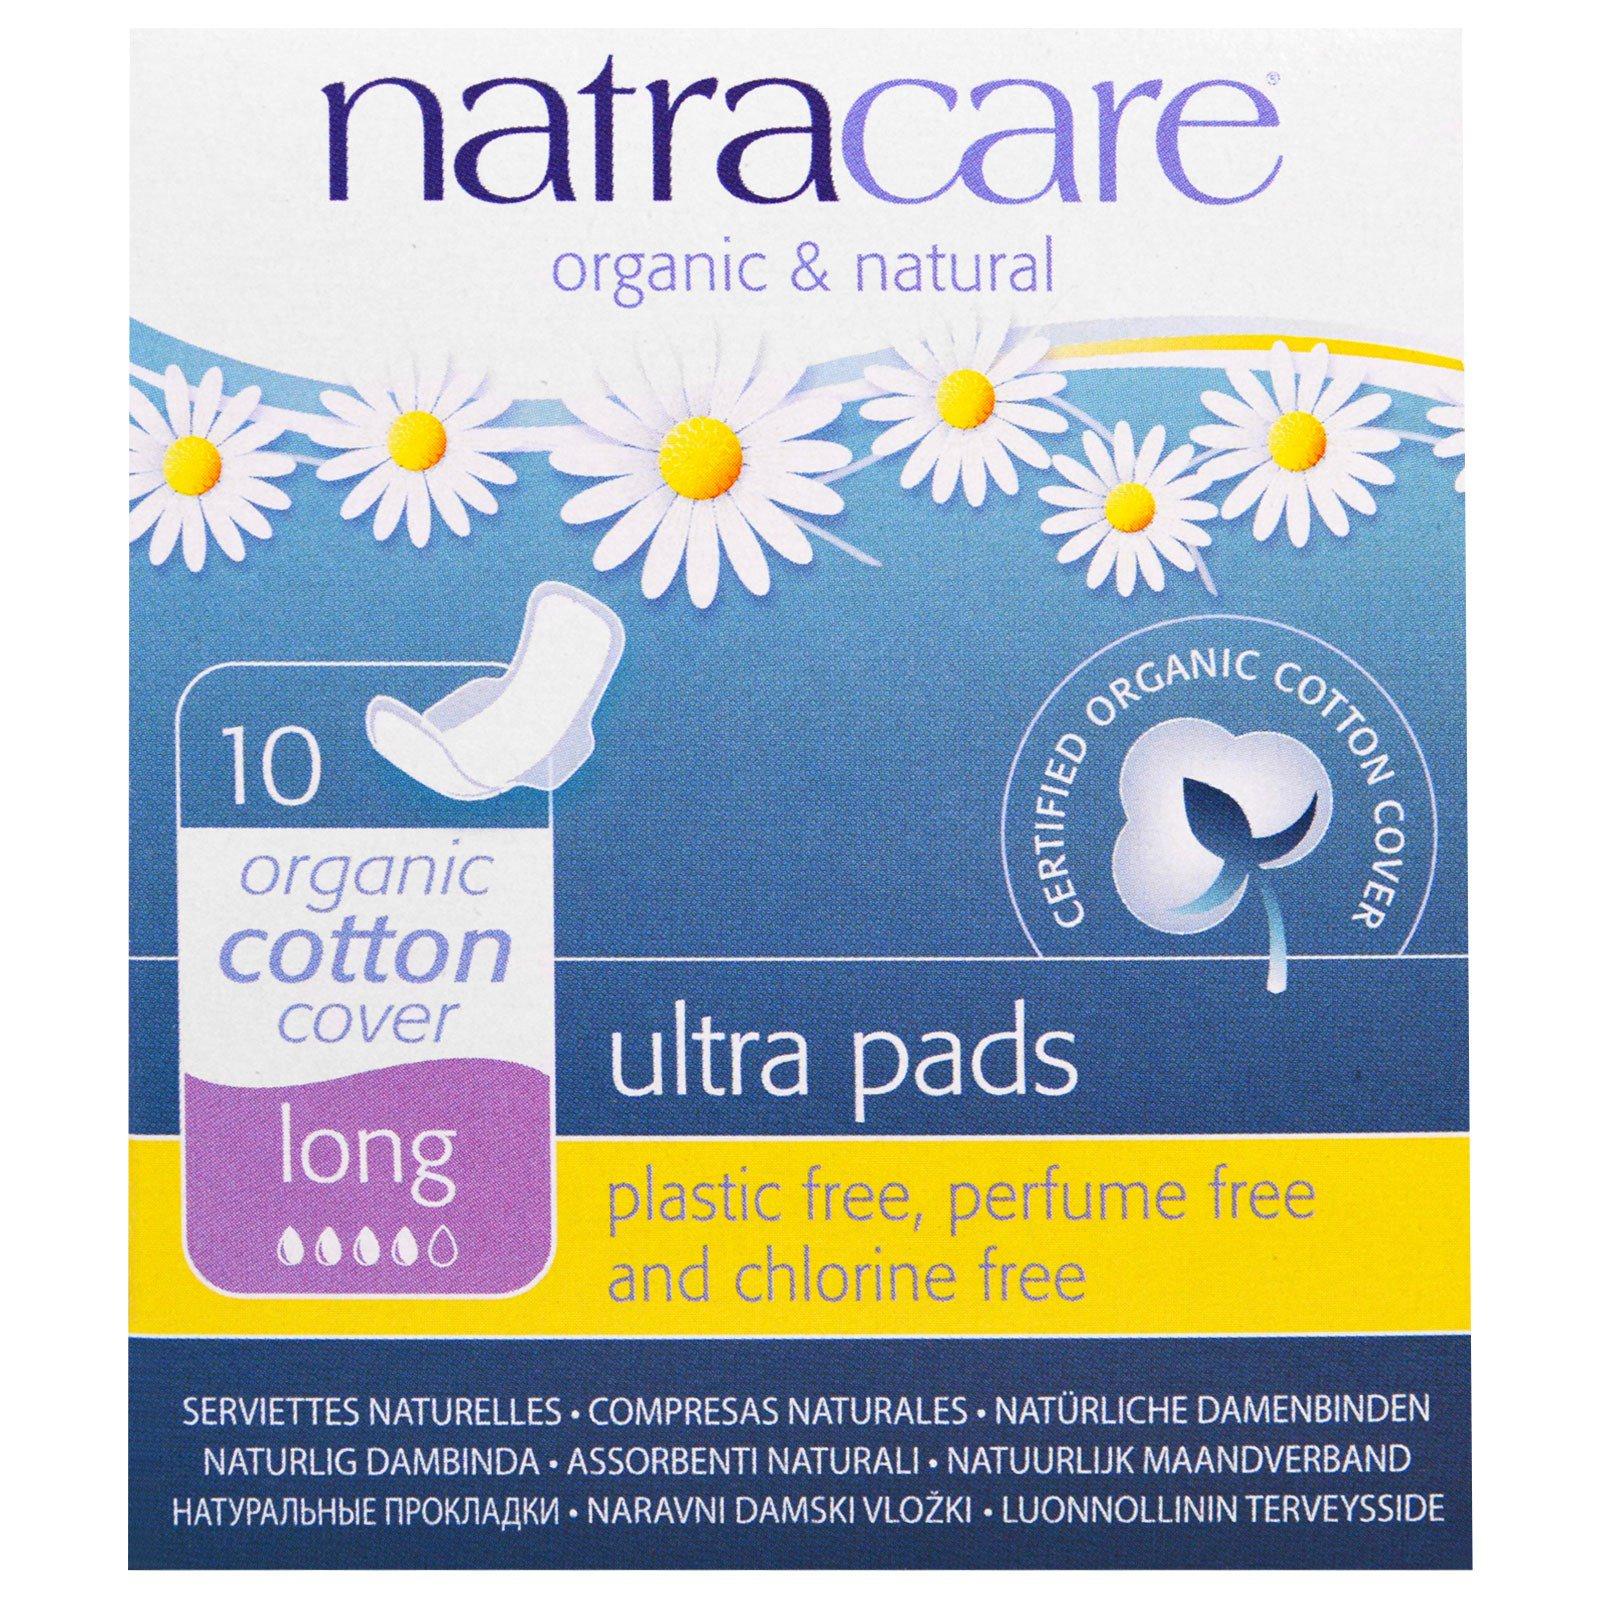 Natracare, Прокладки ультра, покрытие из органического хлопка, длинные, 10 штук